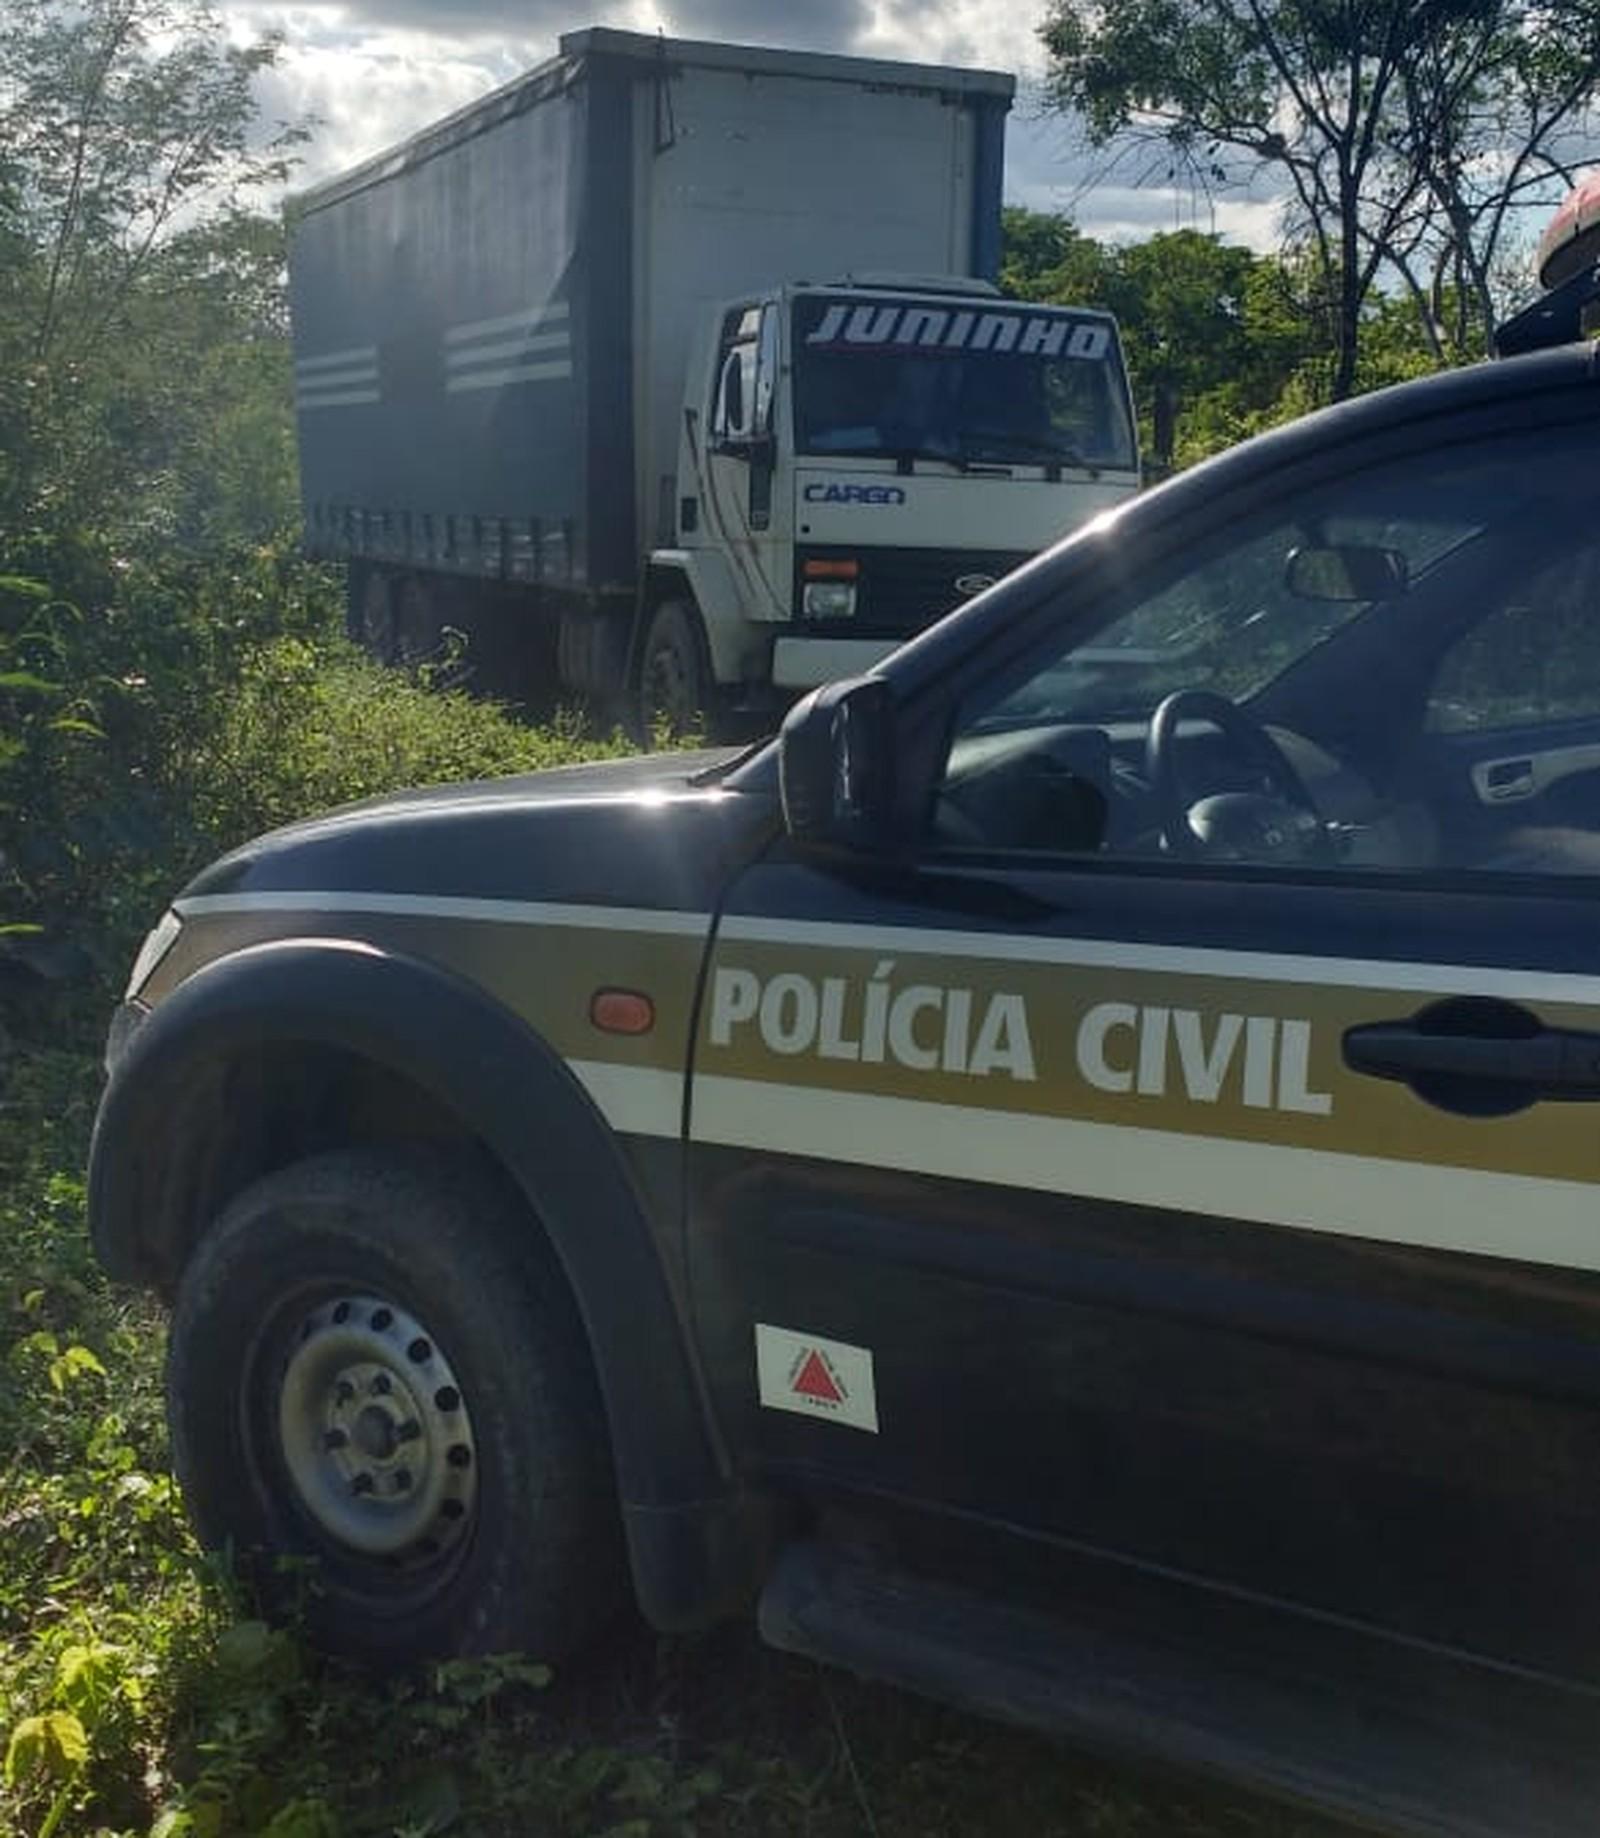 PC recupera carga roubada de café e caminhão avaliados em R$ 200 mil em Cachoeira do Pajeú (MG)